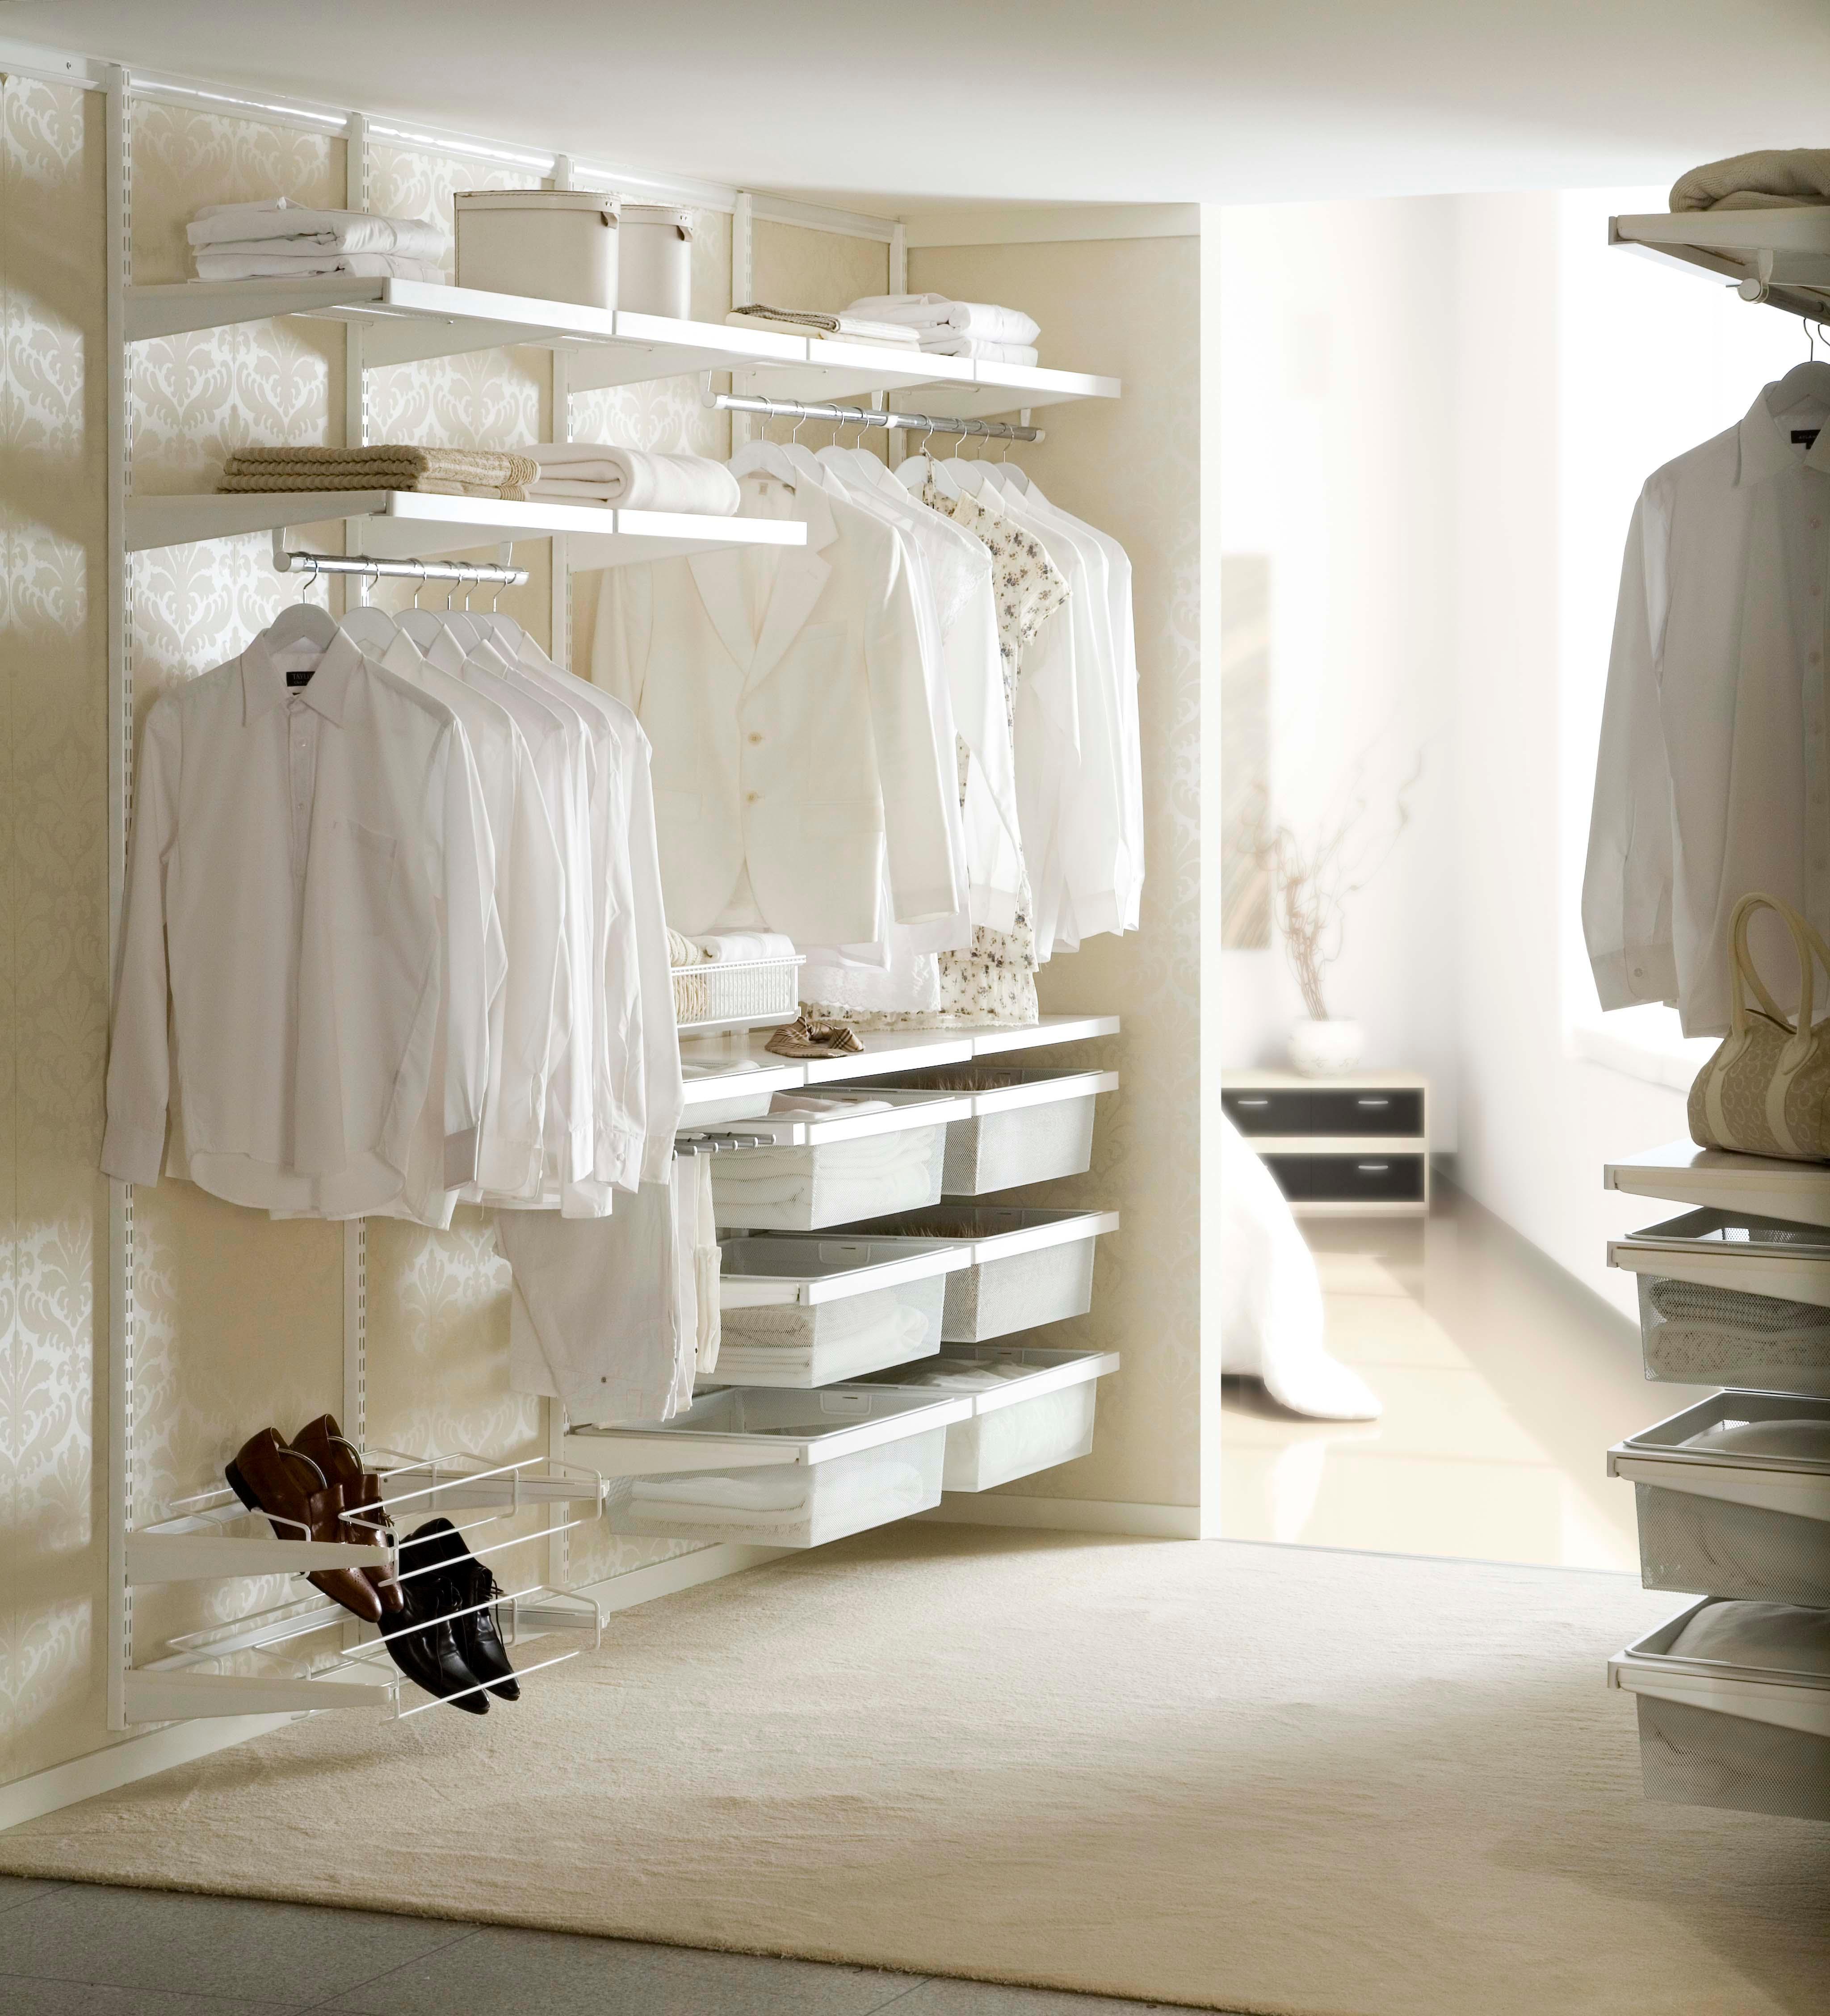 Begehbarer kleiderschrank regalsystem  Ankleidezimmer Seite 2 • Bilder & Ideen • COUCHstyle